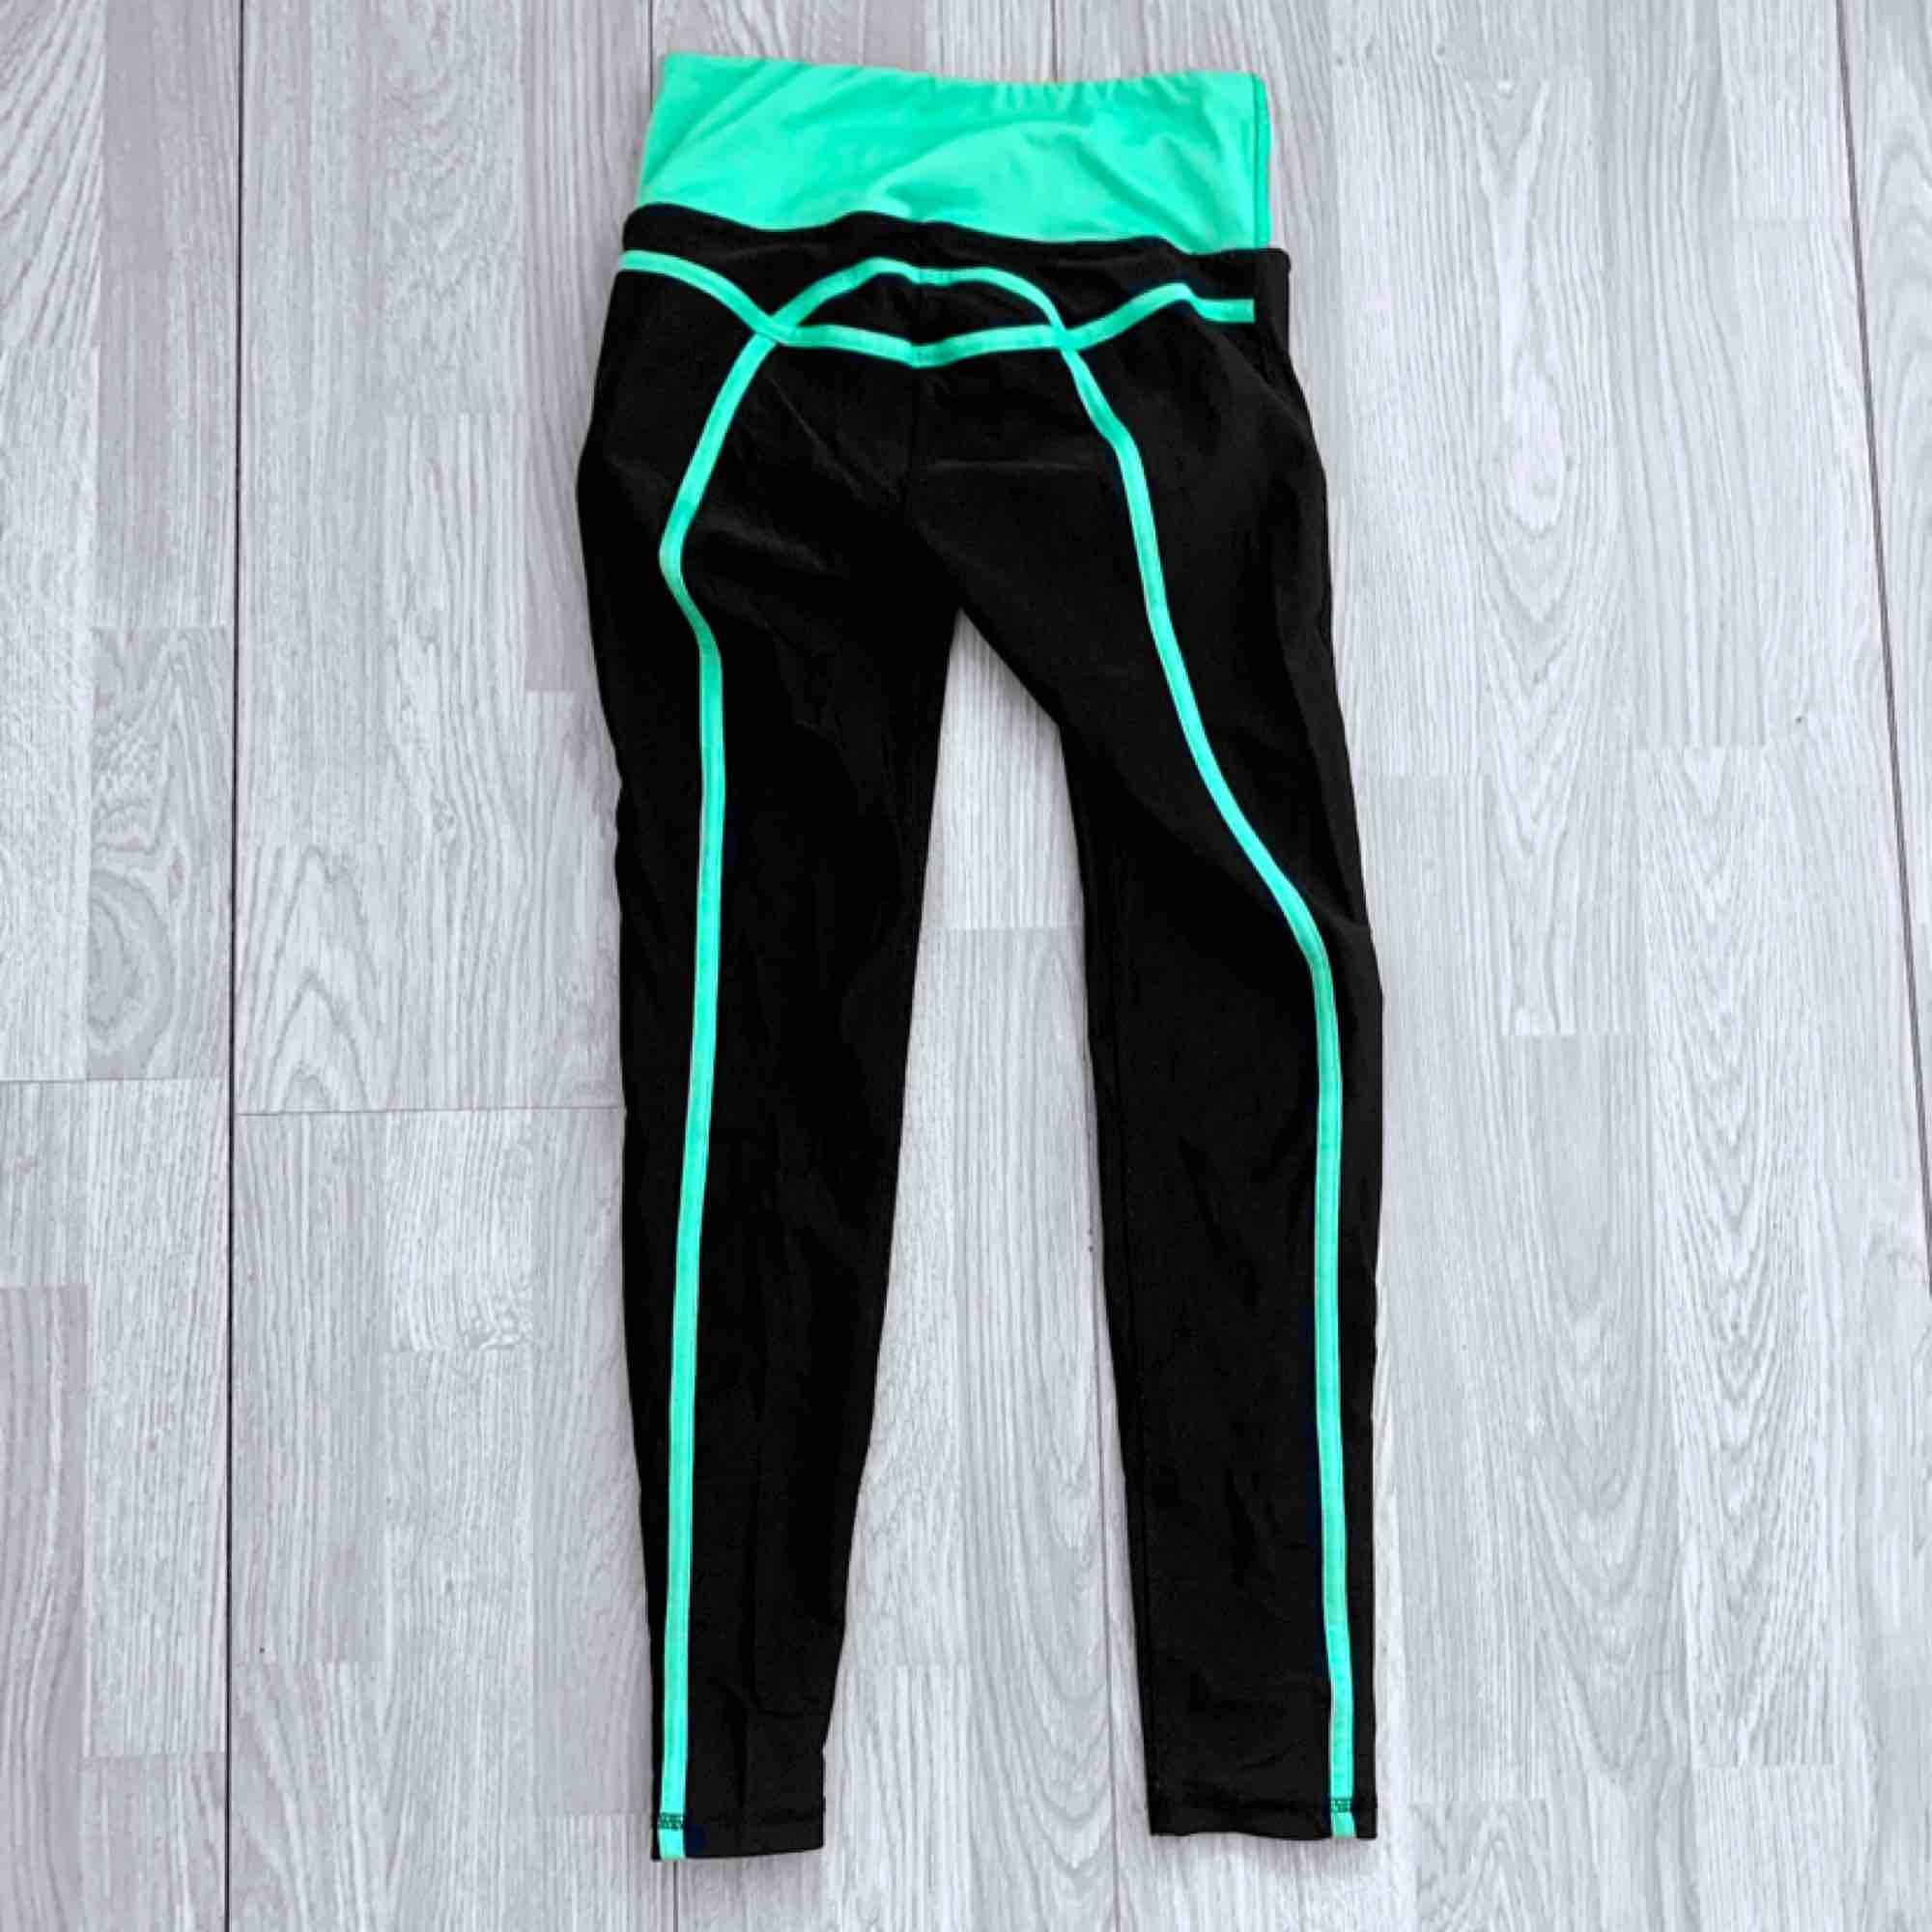 Svarta/gröna träningsleggings från DOM storlek XS, fint skick.  Möts upp i Stockholm eller fraktar.  Frakt kostar 42kr extra, postar med videobevis/bildbevis. Jag garanterar en snabb pålitlig affär!✨. Jeans & Byxor.